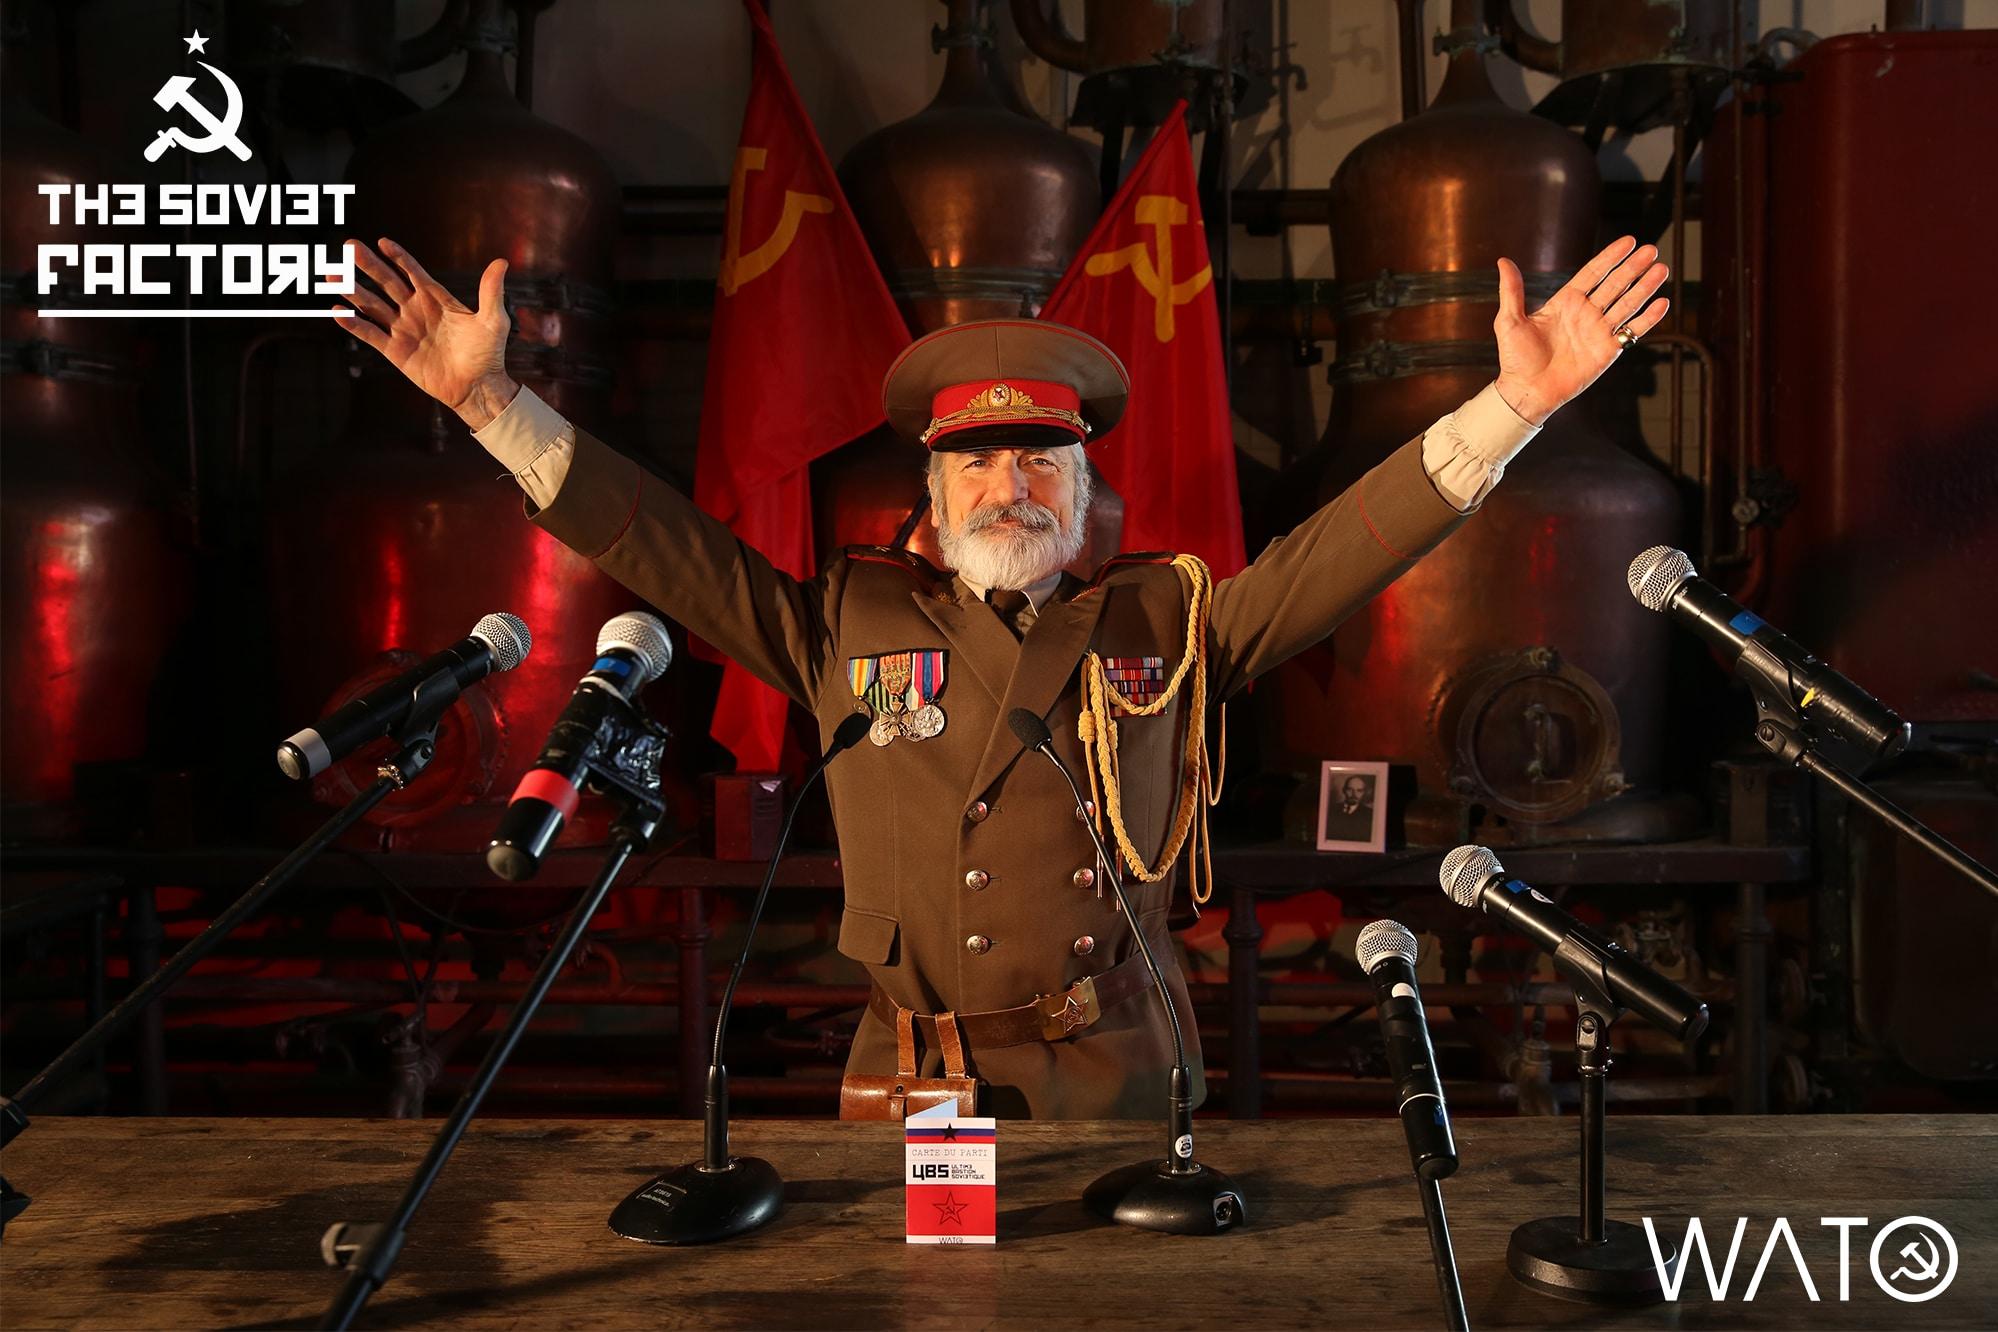 WATO : Teaser sur le thème sovétique – The Soviet Factory